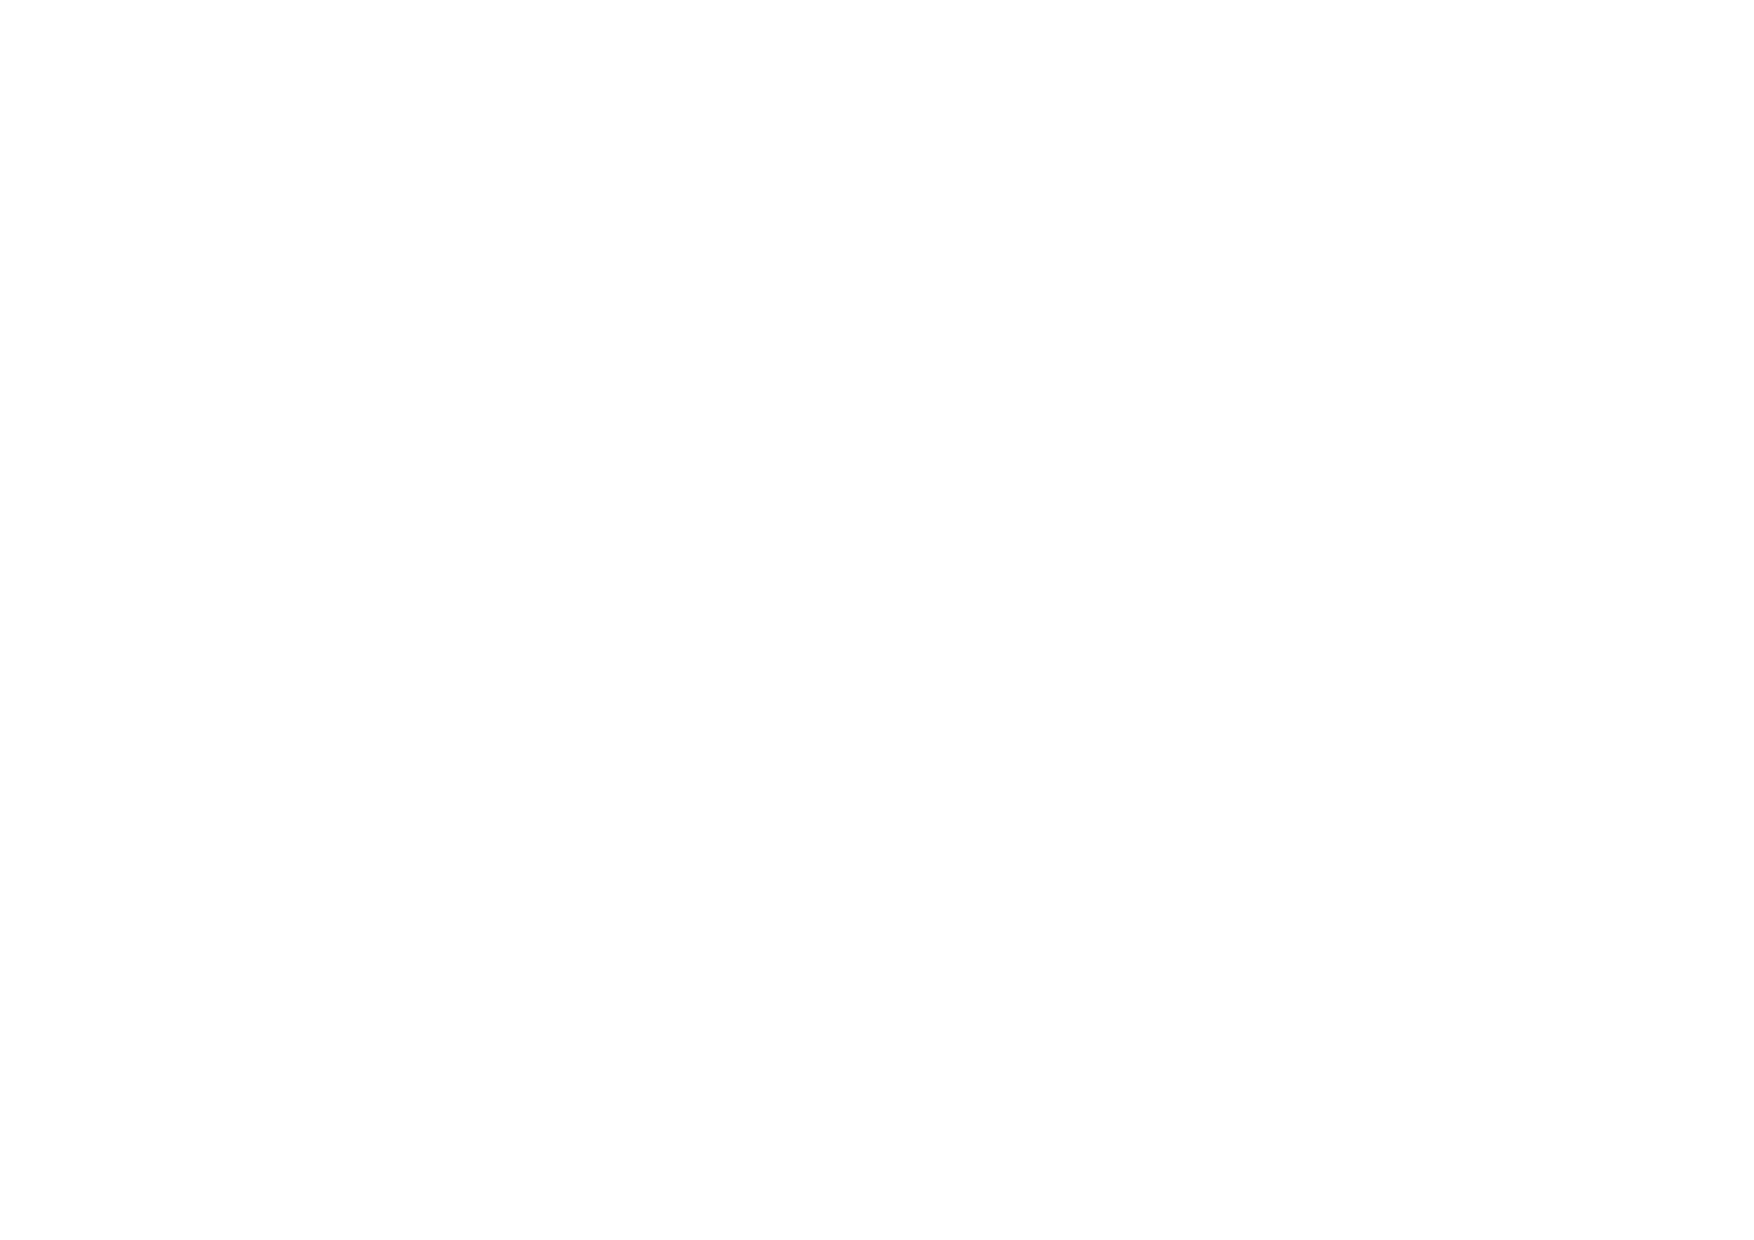 MOVE Switzerland